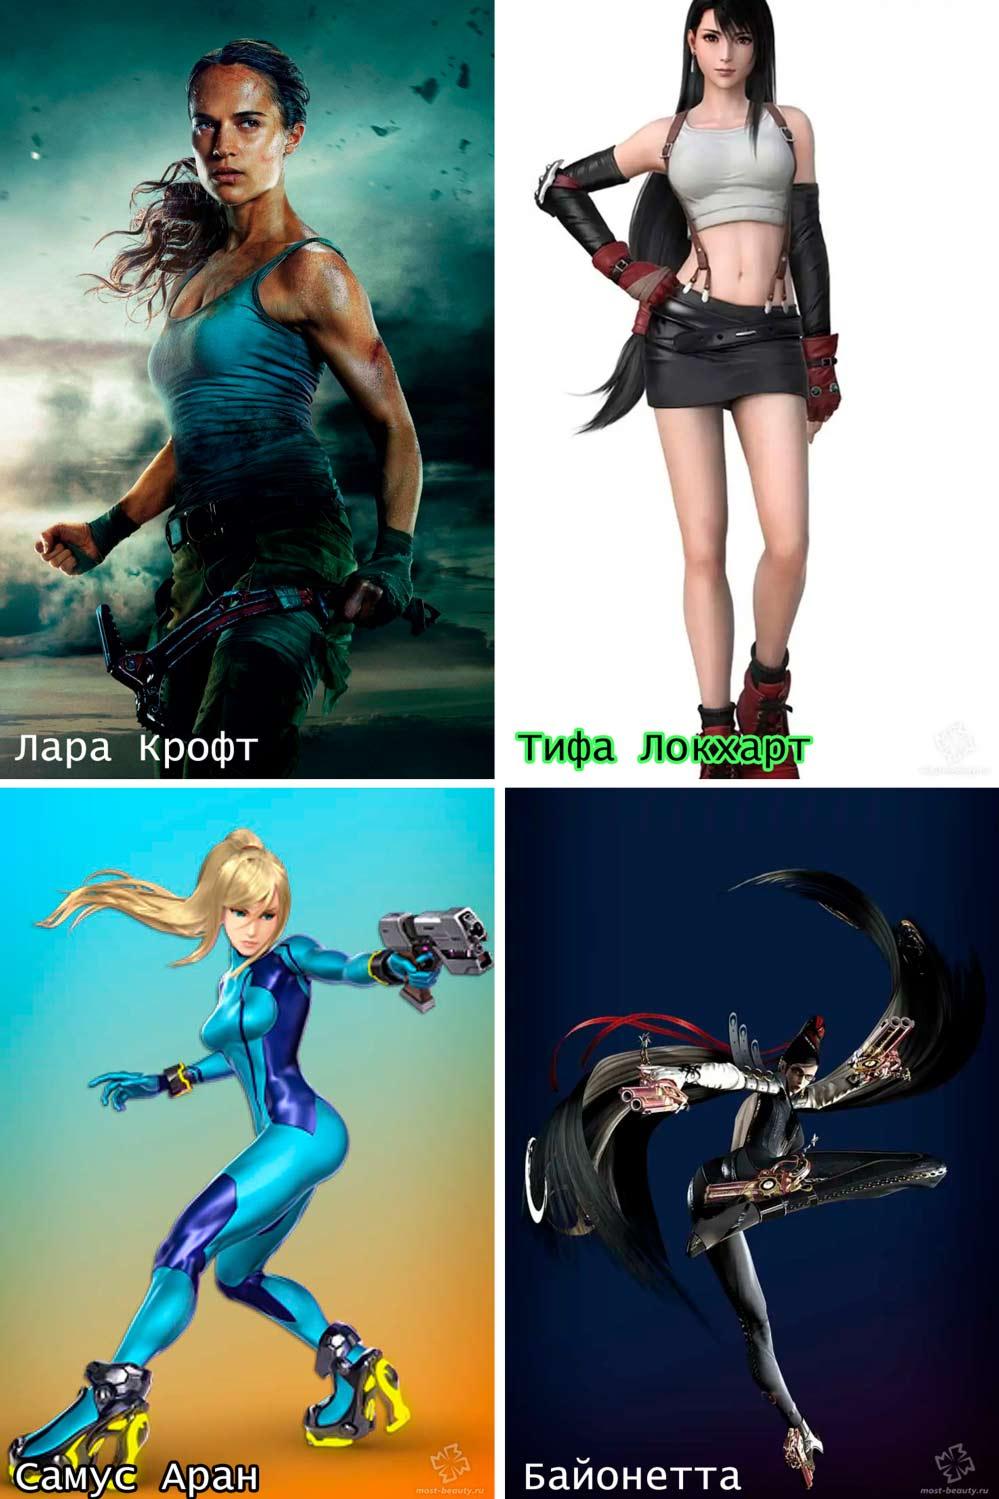 Женские персонажи видеоигр